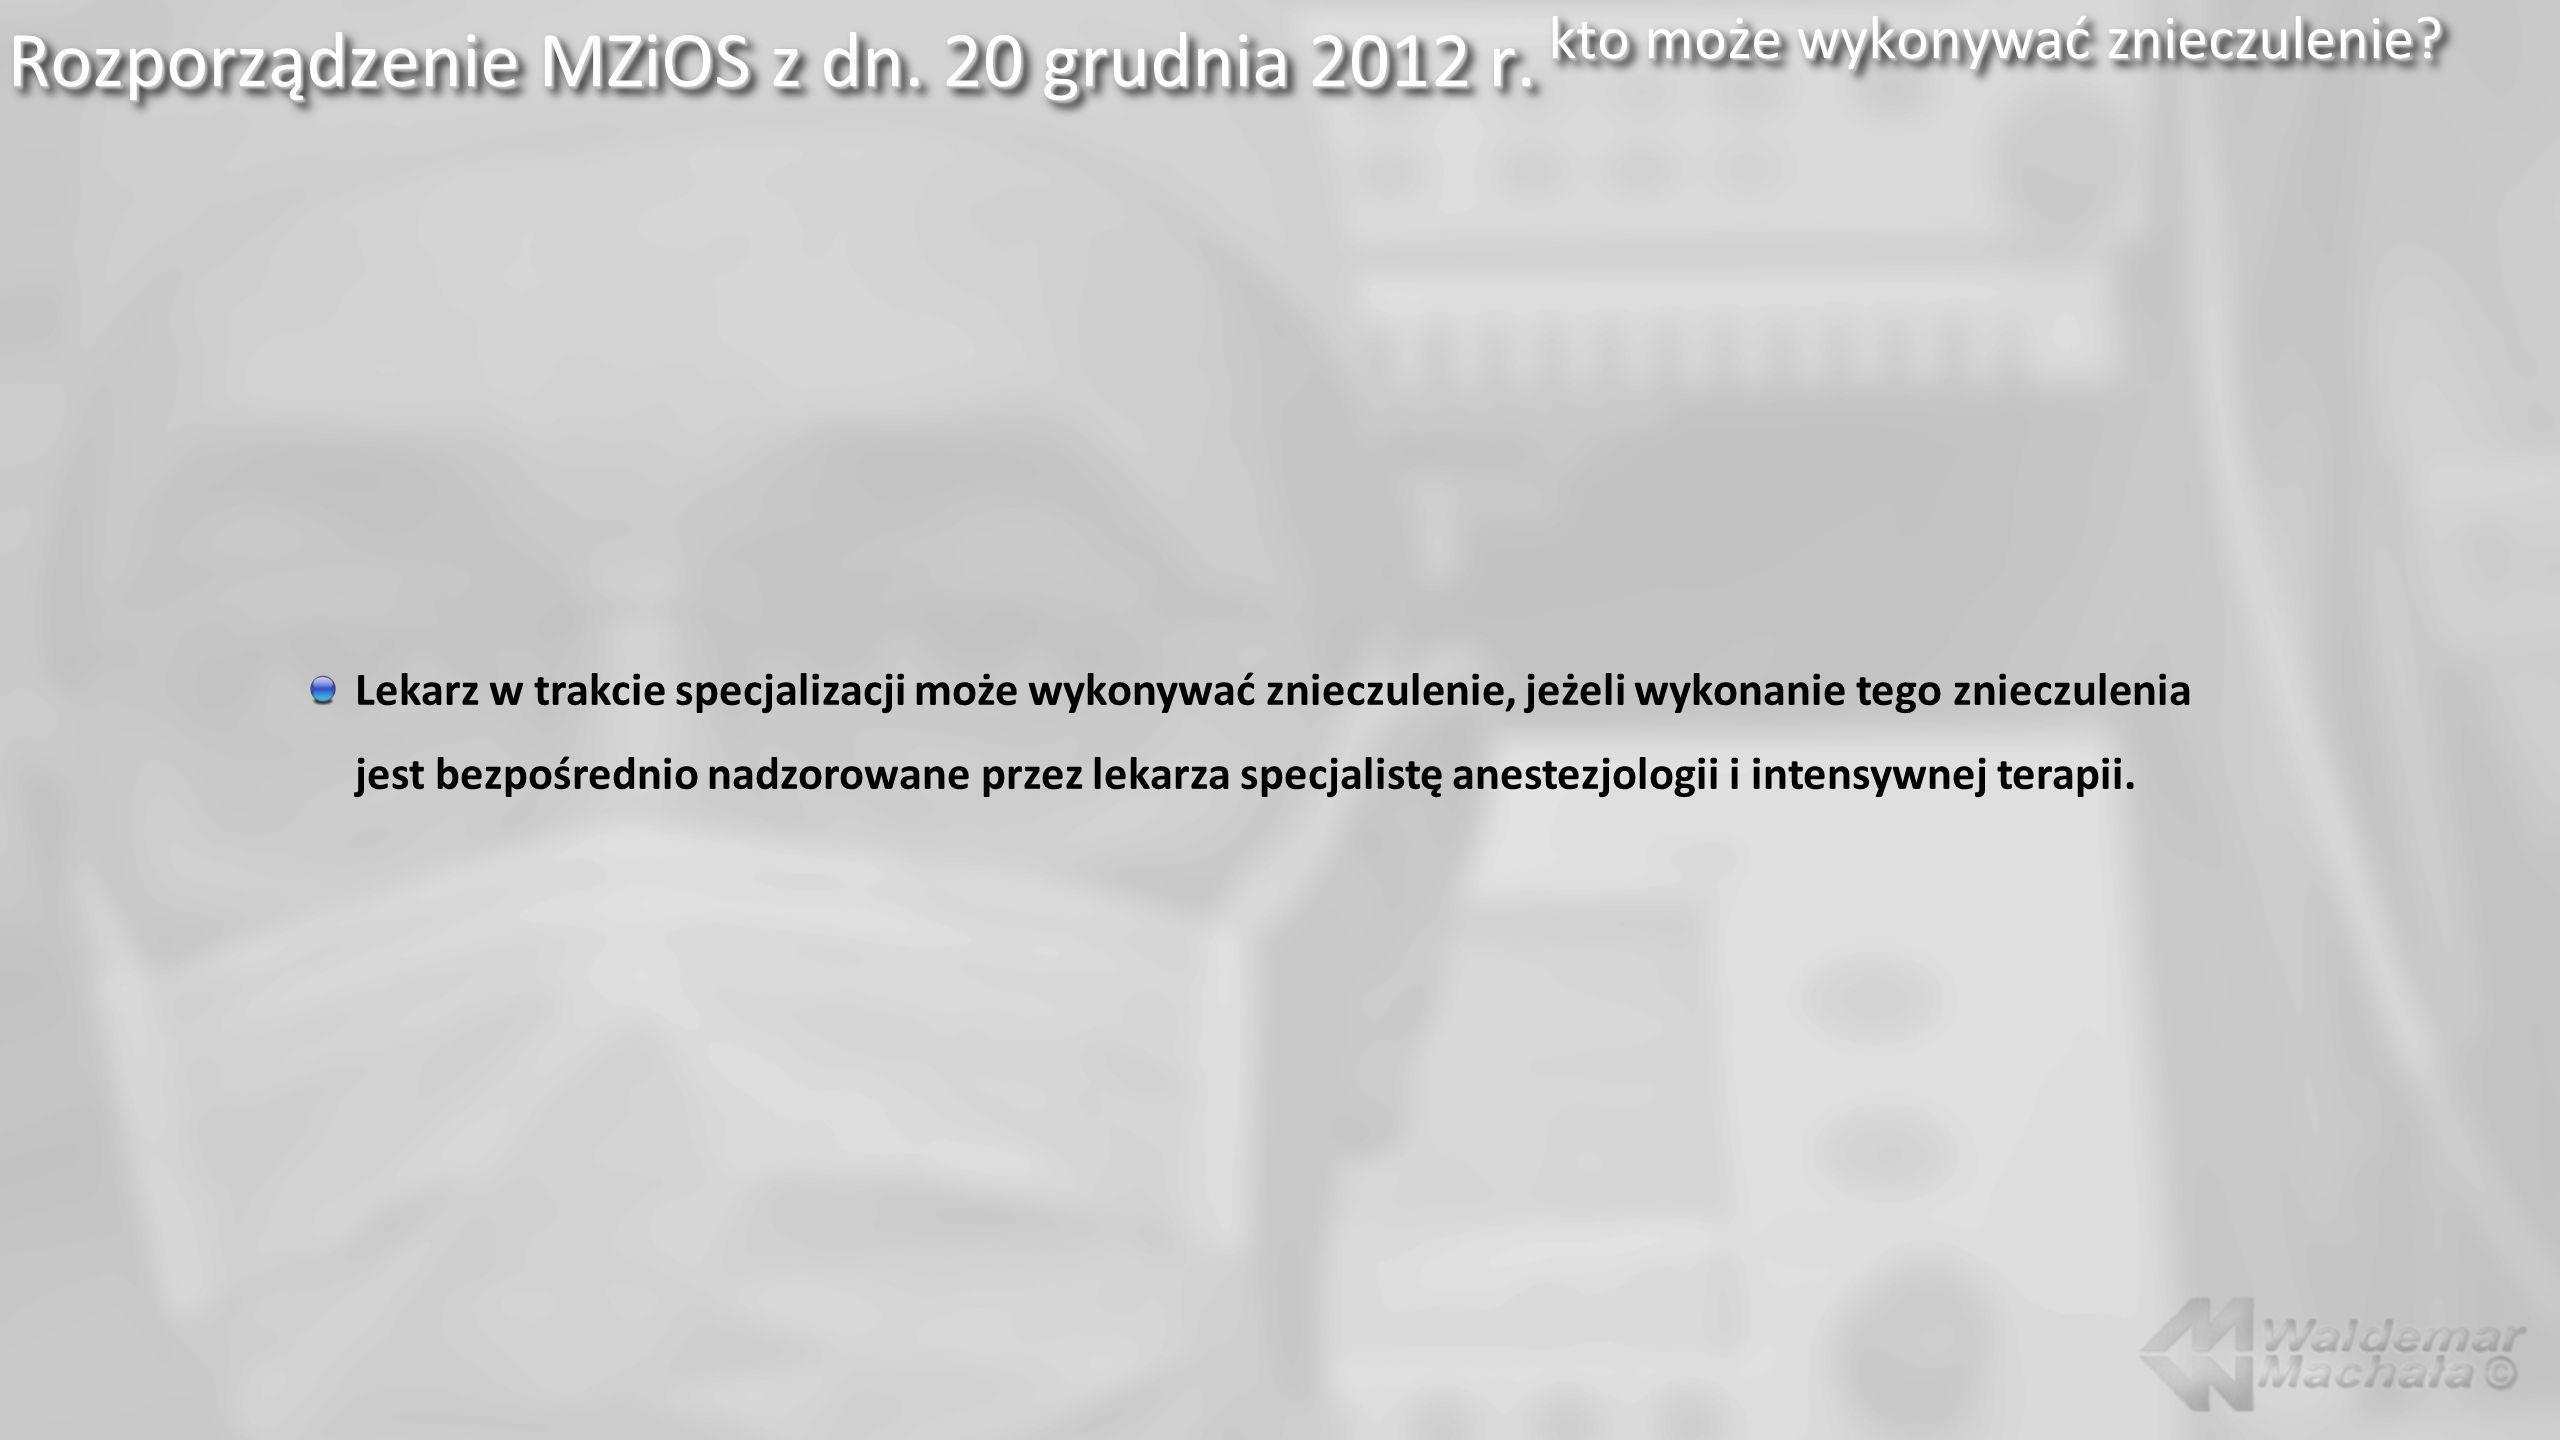 Rozporządzenie MZiOS z dn. 20 grudnia 2012 r. kto może wykonywać znieczulenie? Lekarz w trakcie specjalizacji może wykonywać znieczulenie, jeżeli wyko